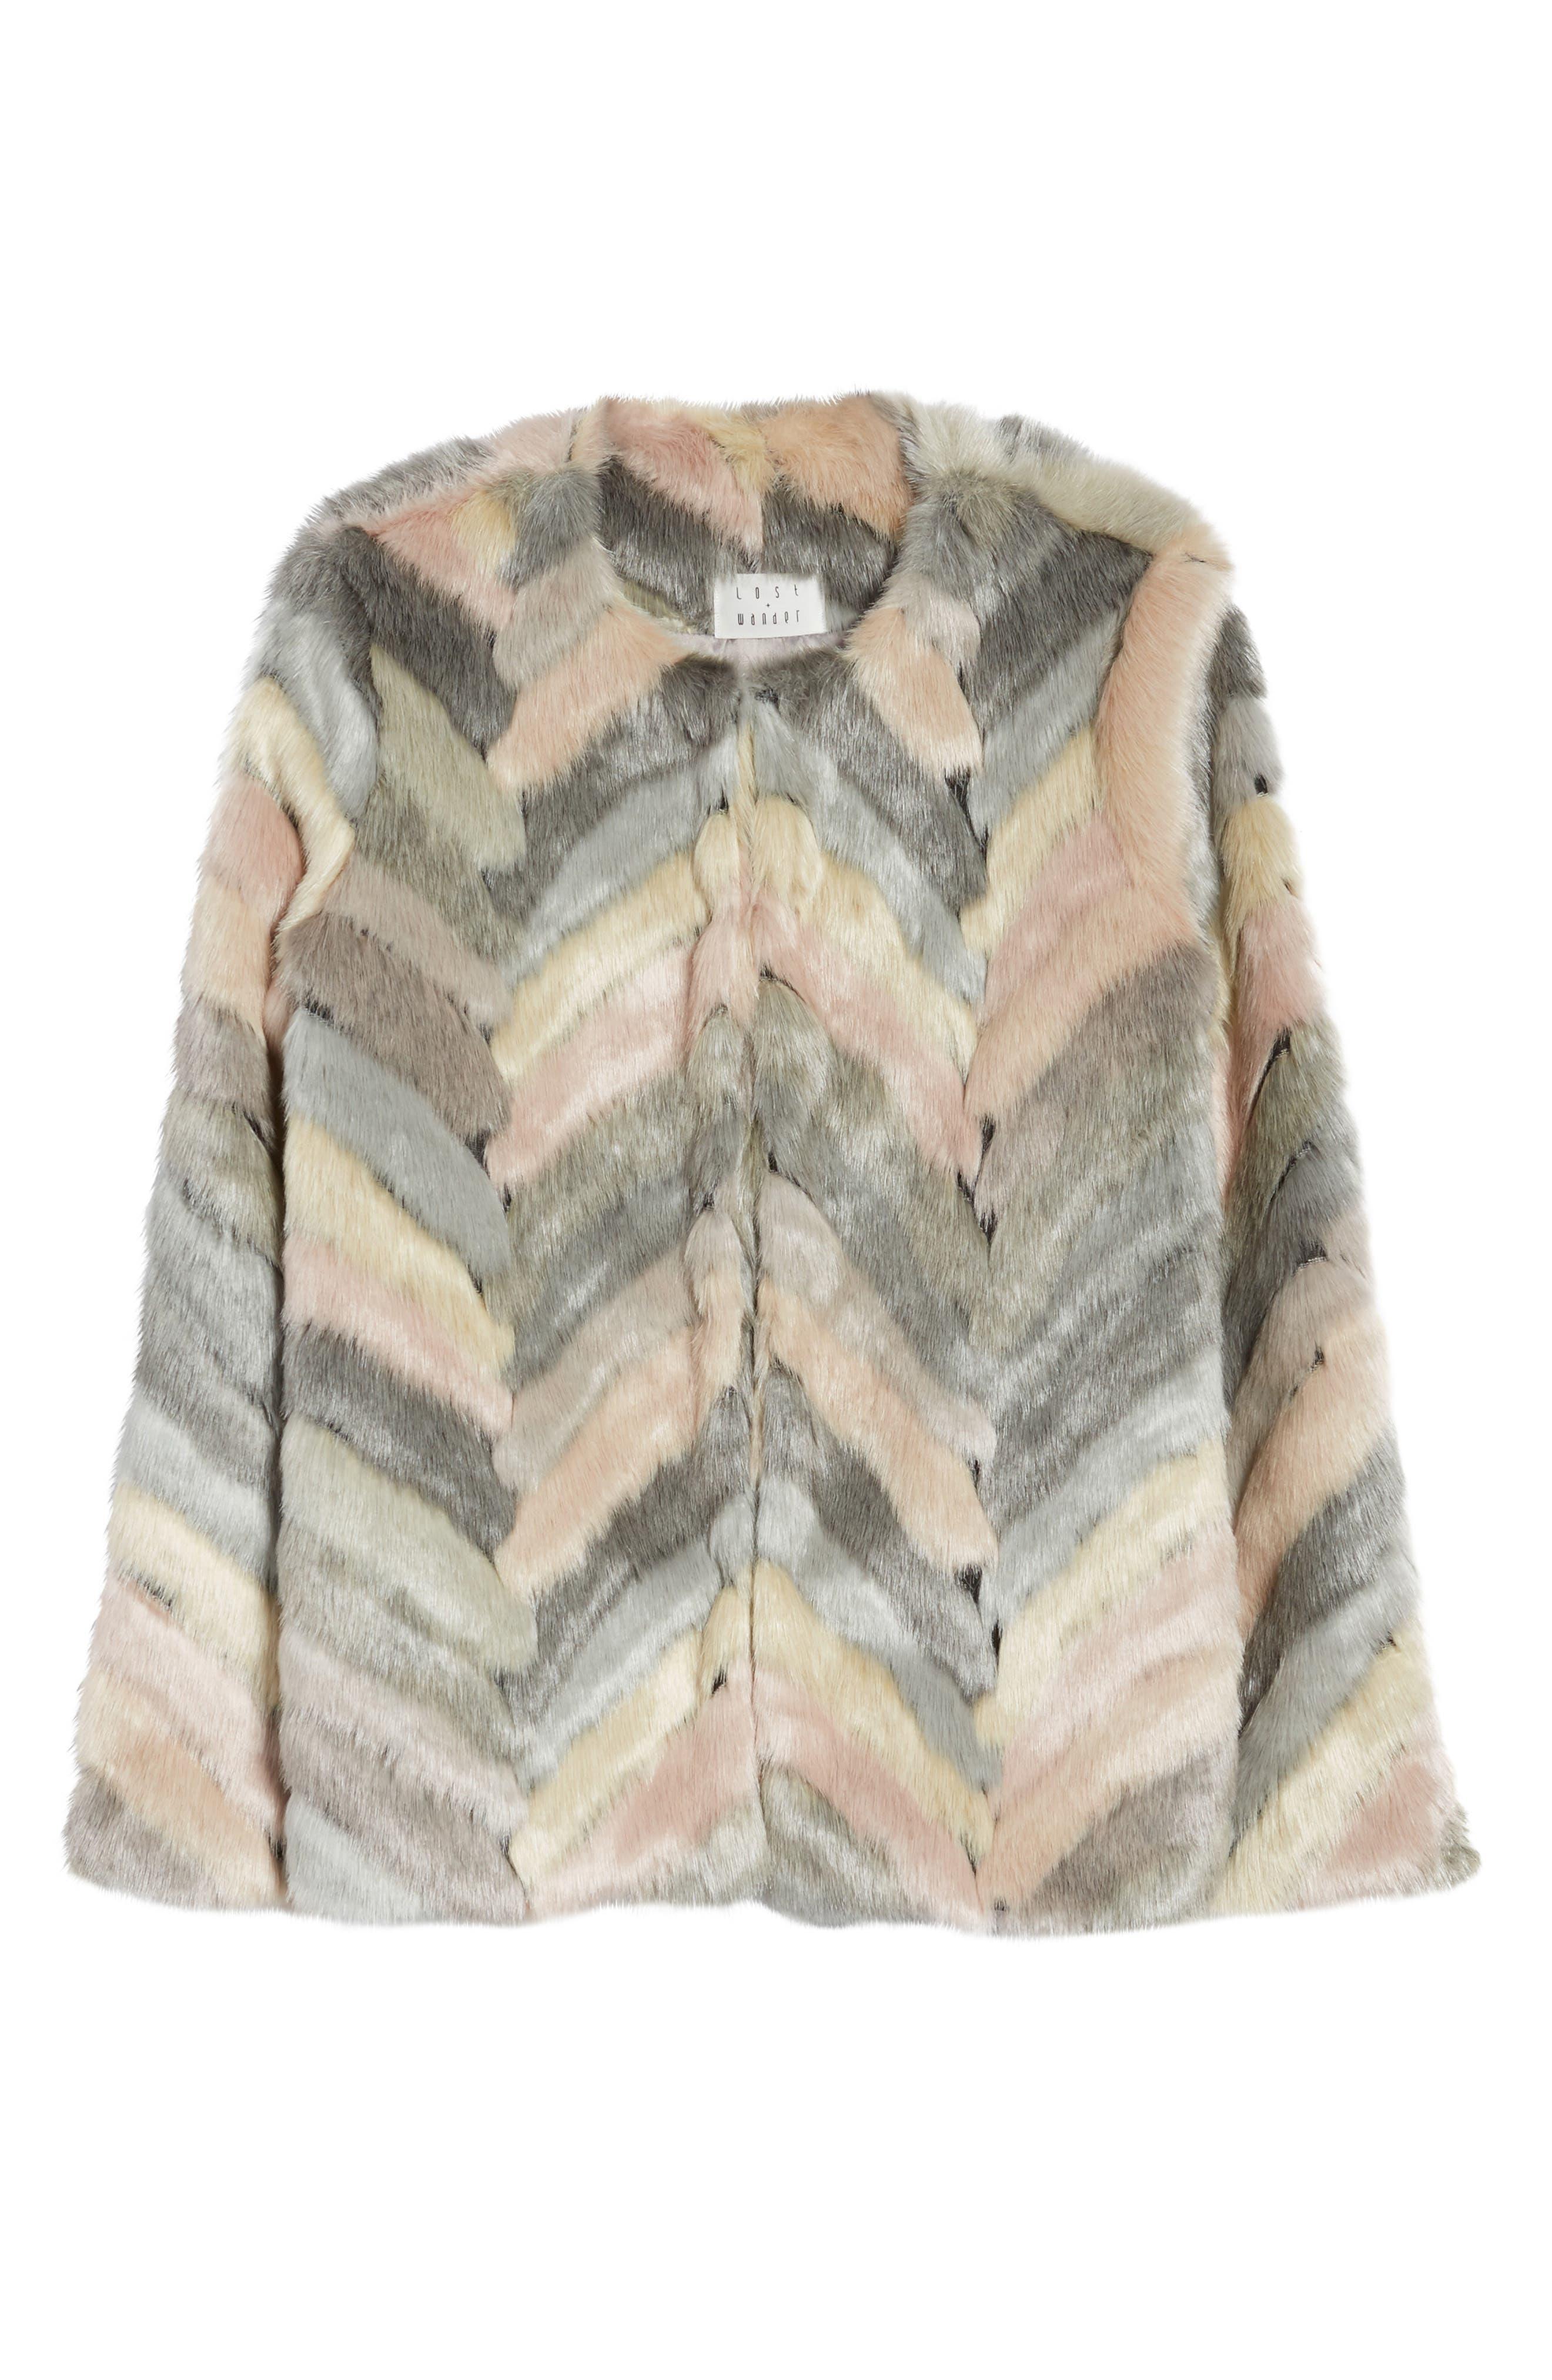 Voila Faux Fur Jacket,                             Alternate thumbnail 6, color,                             Multi